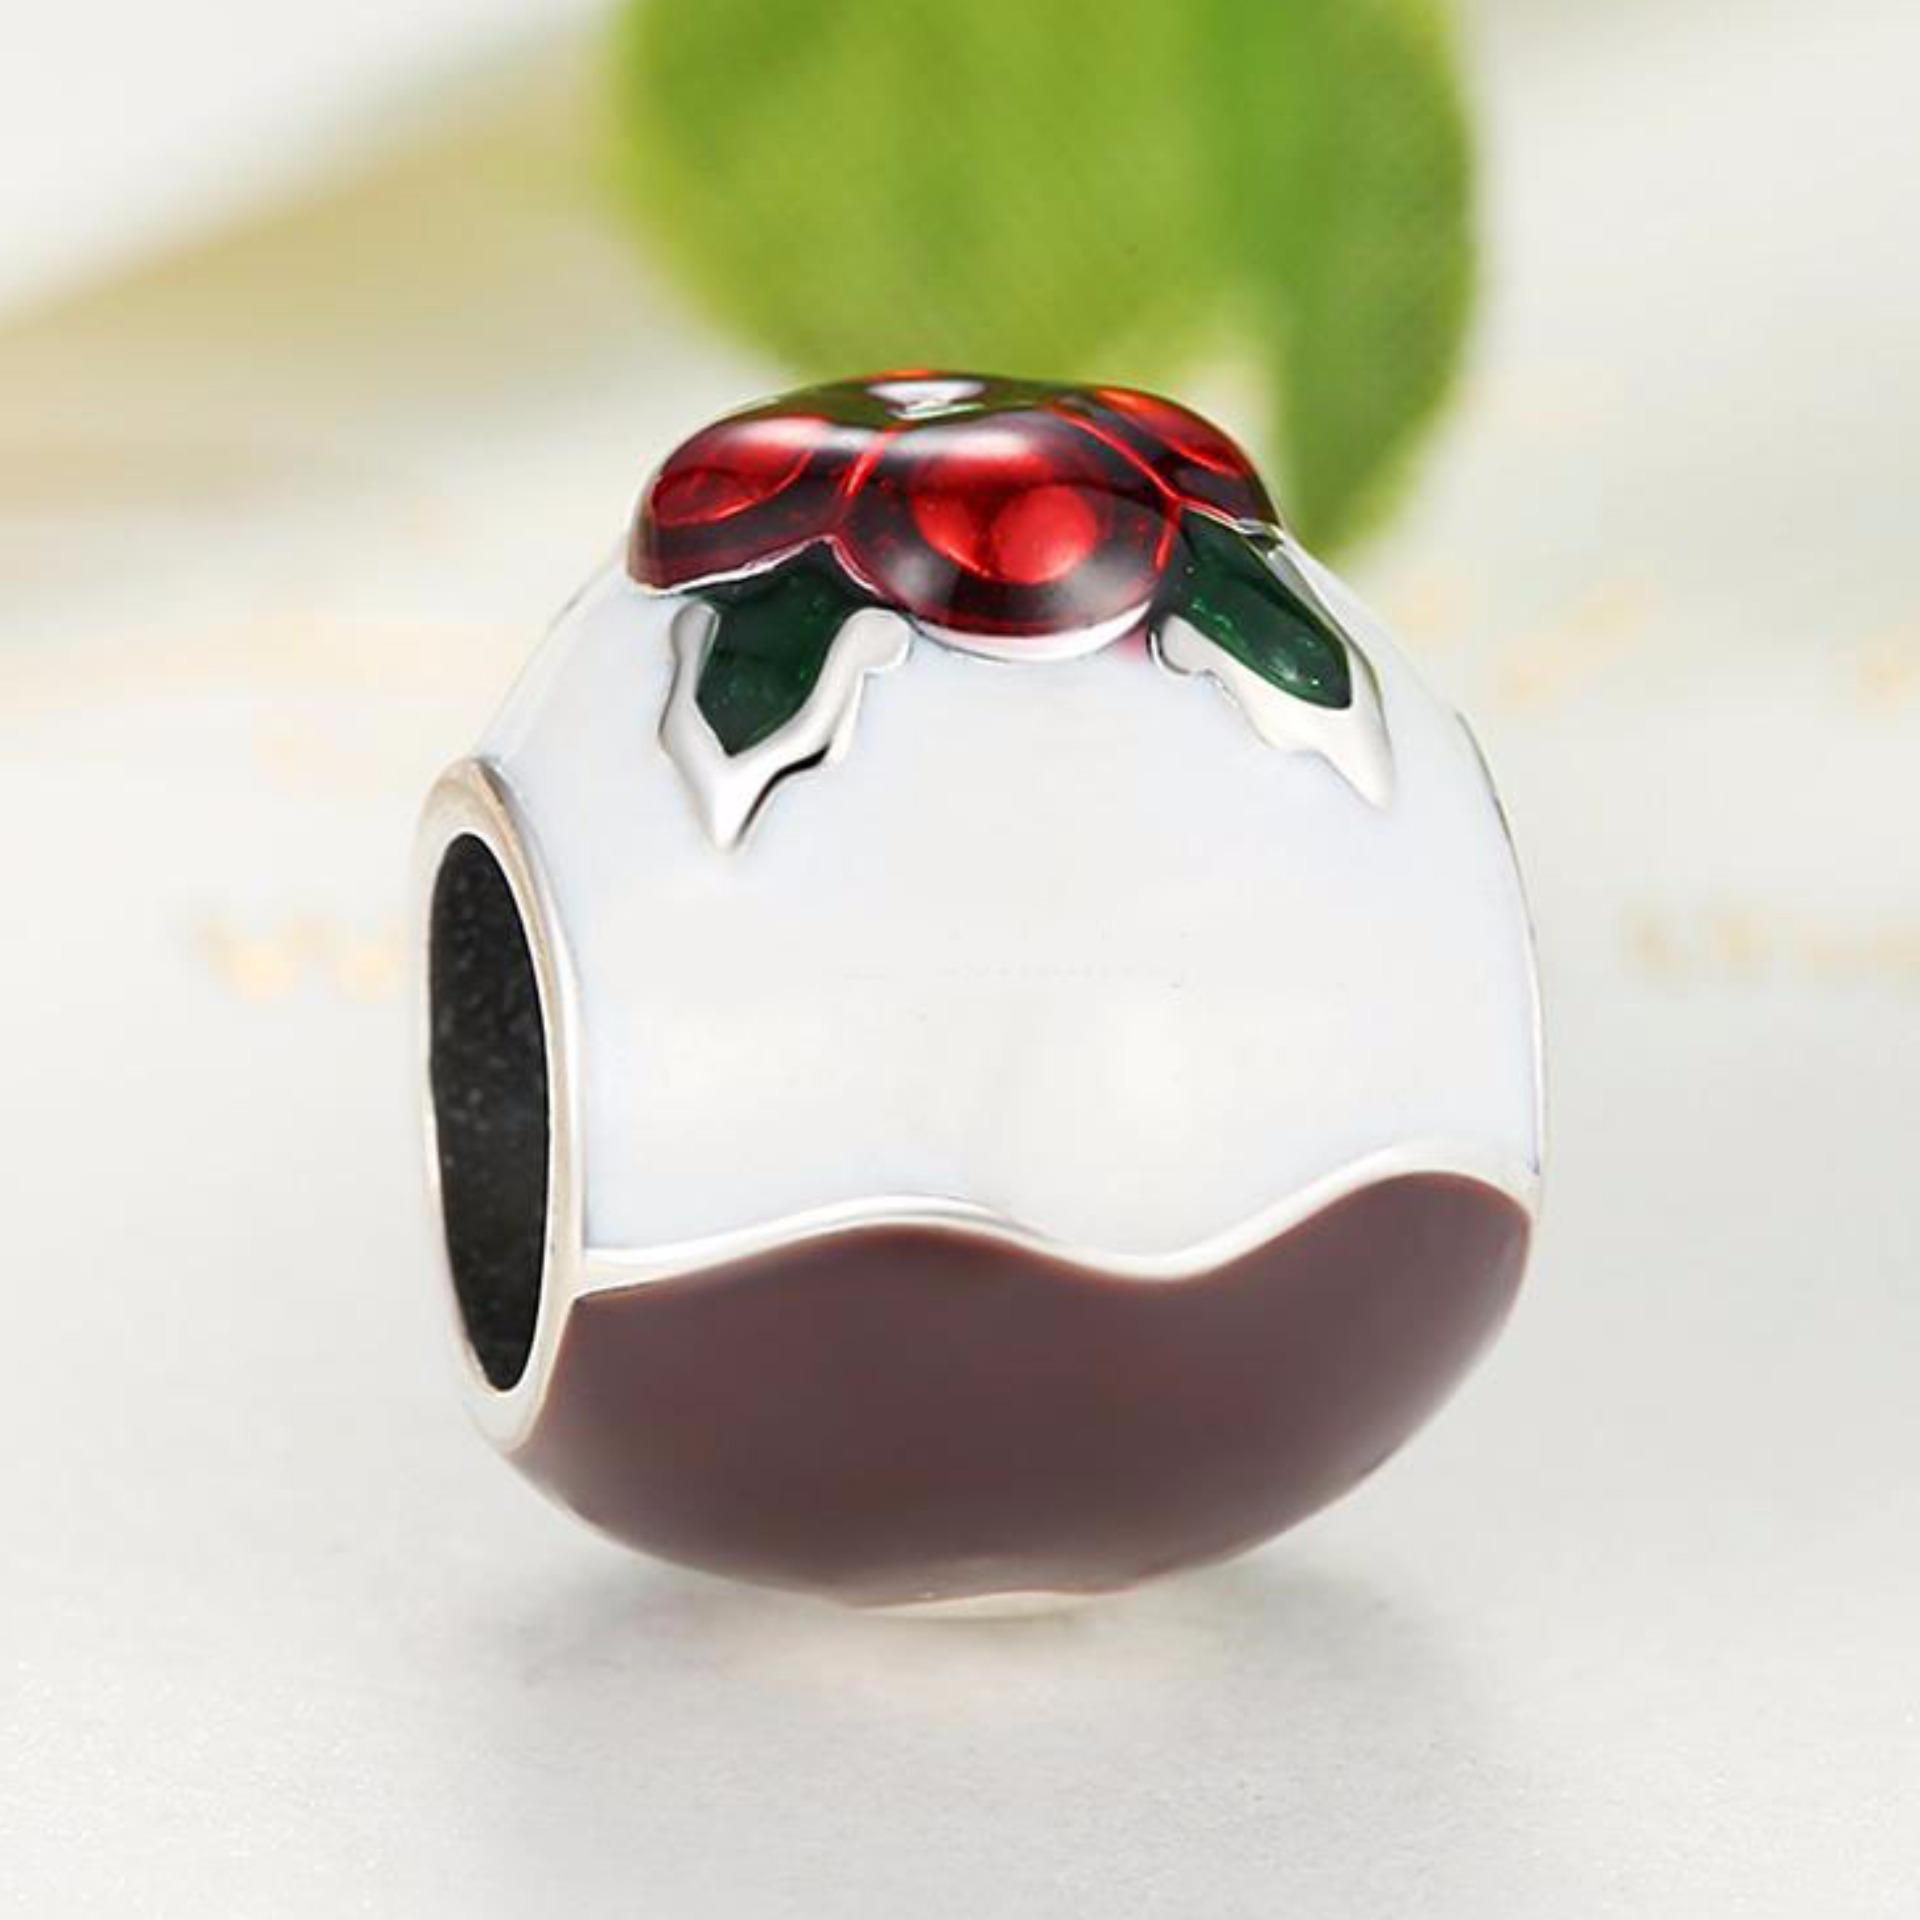 Cantik Perhiasan Gelang Manik Manik Kaca Bundar Giftware Elastis Source · Pandora Christmas Pudding Silver Charm Pandora Christmas Pudding Silver Charm